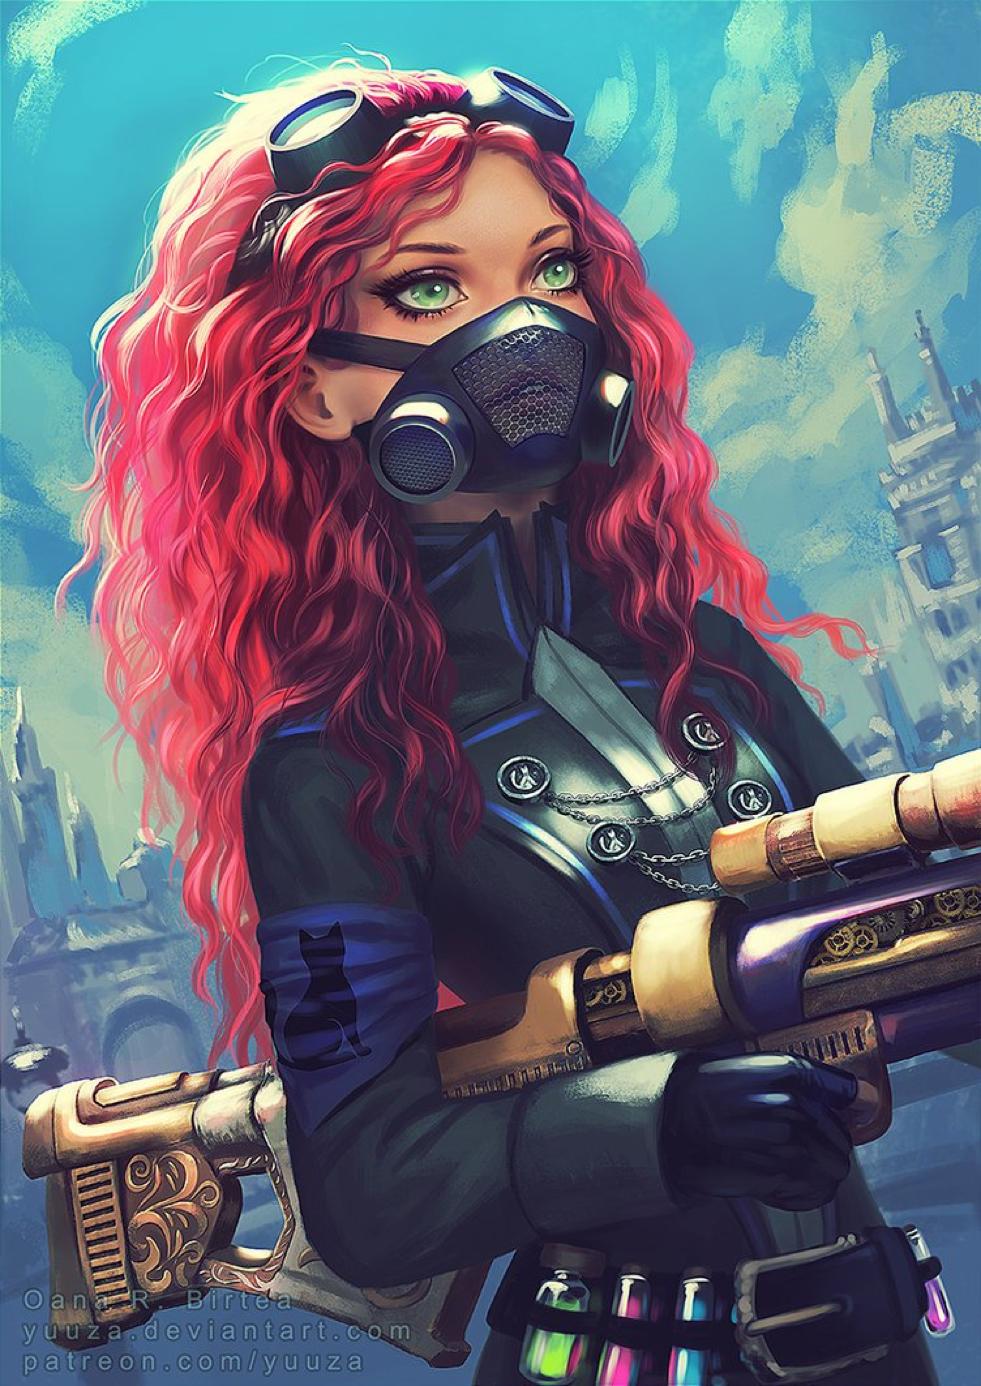 Steam Punk Red Head Girl Digital art girl, Anime art